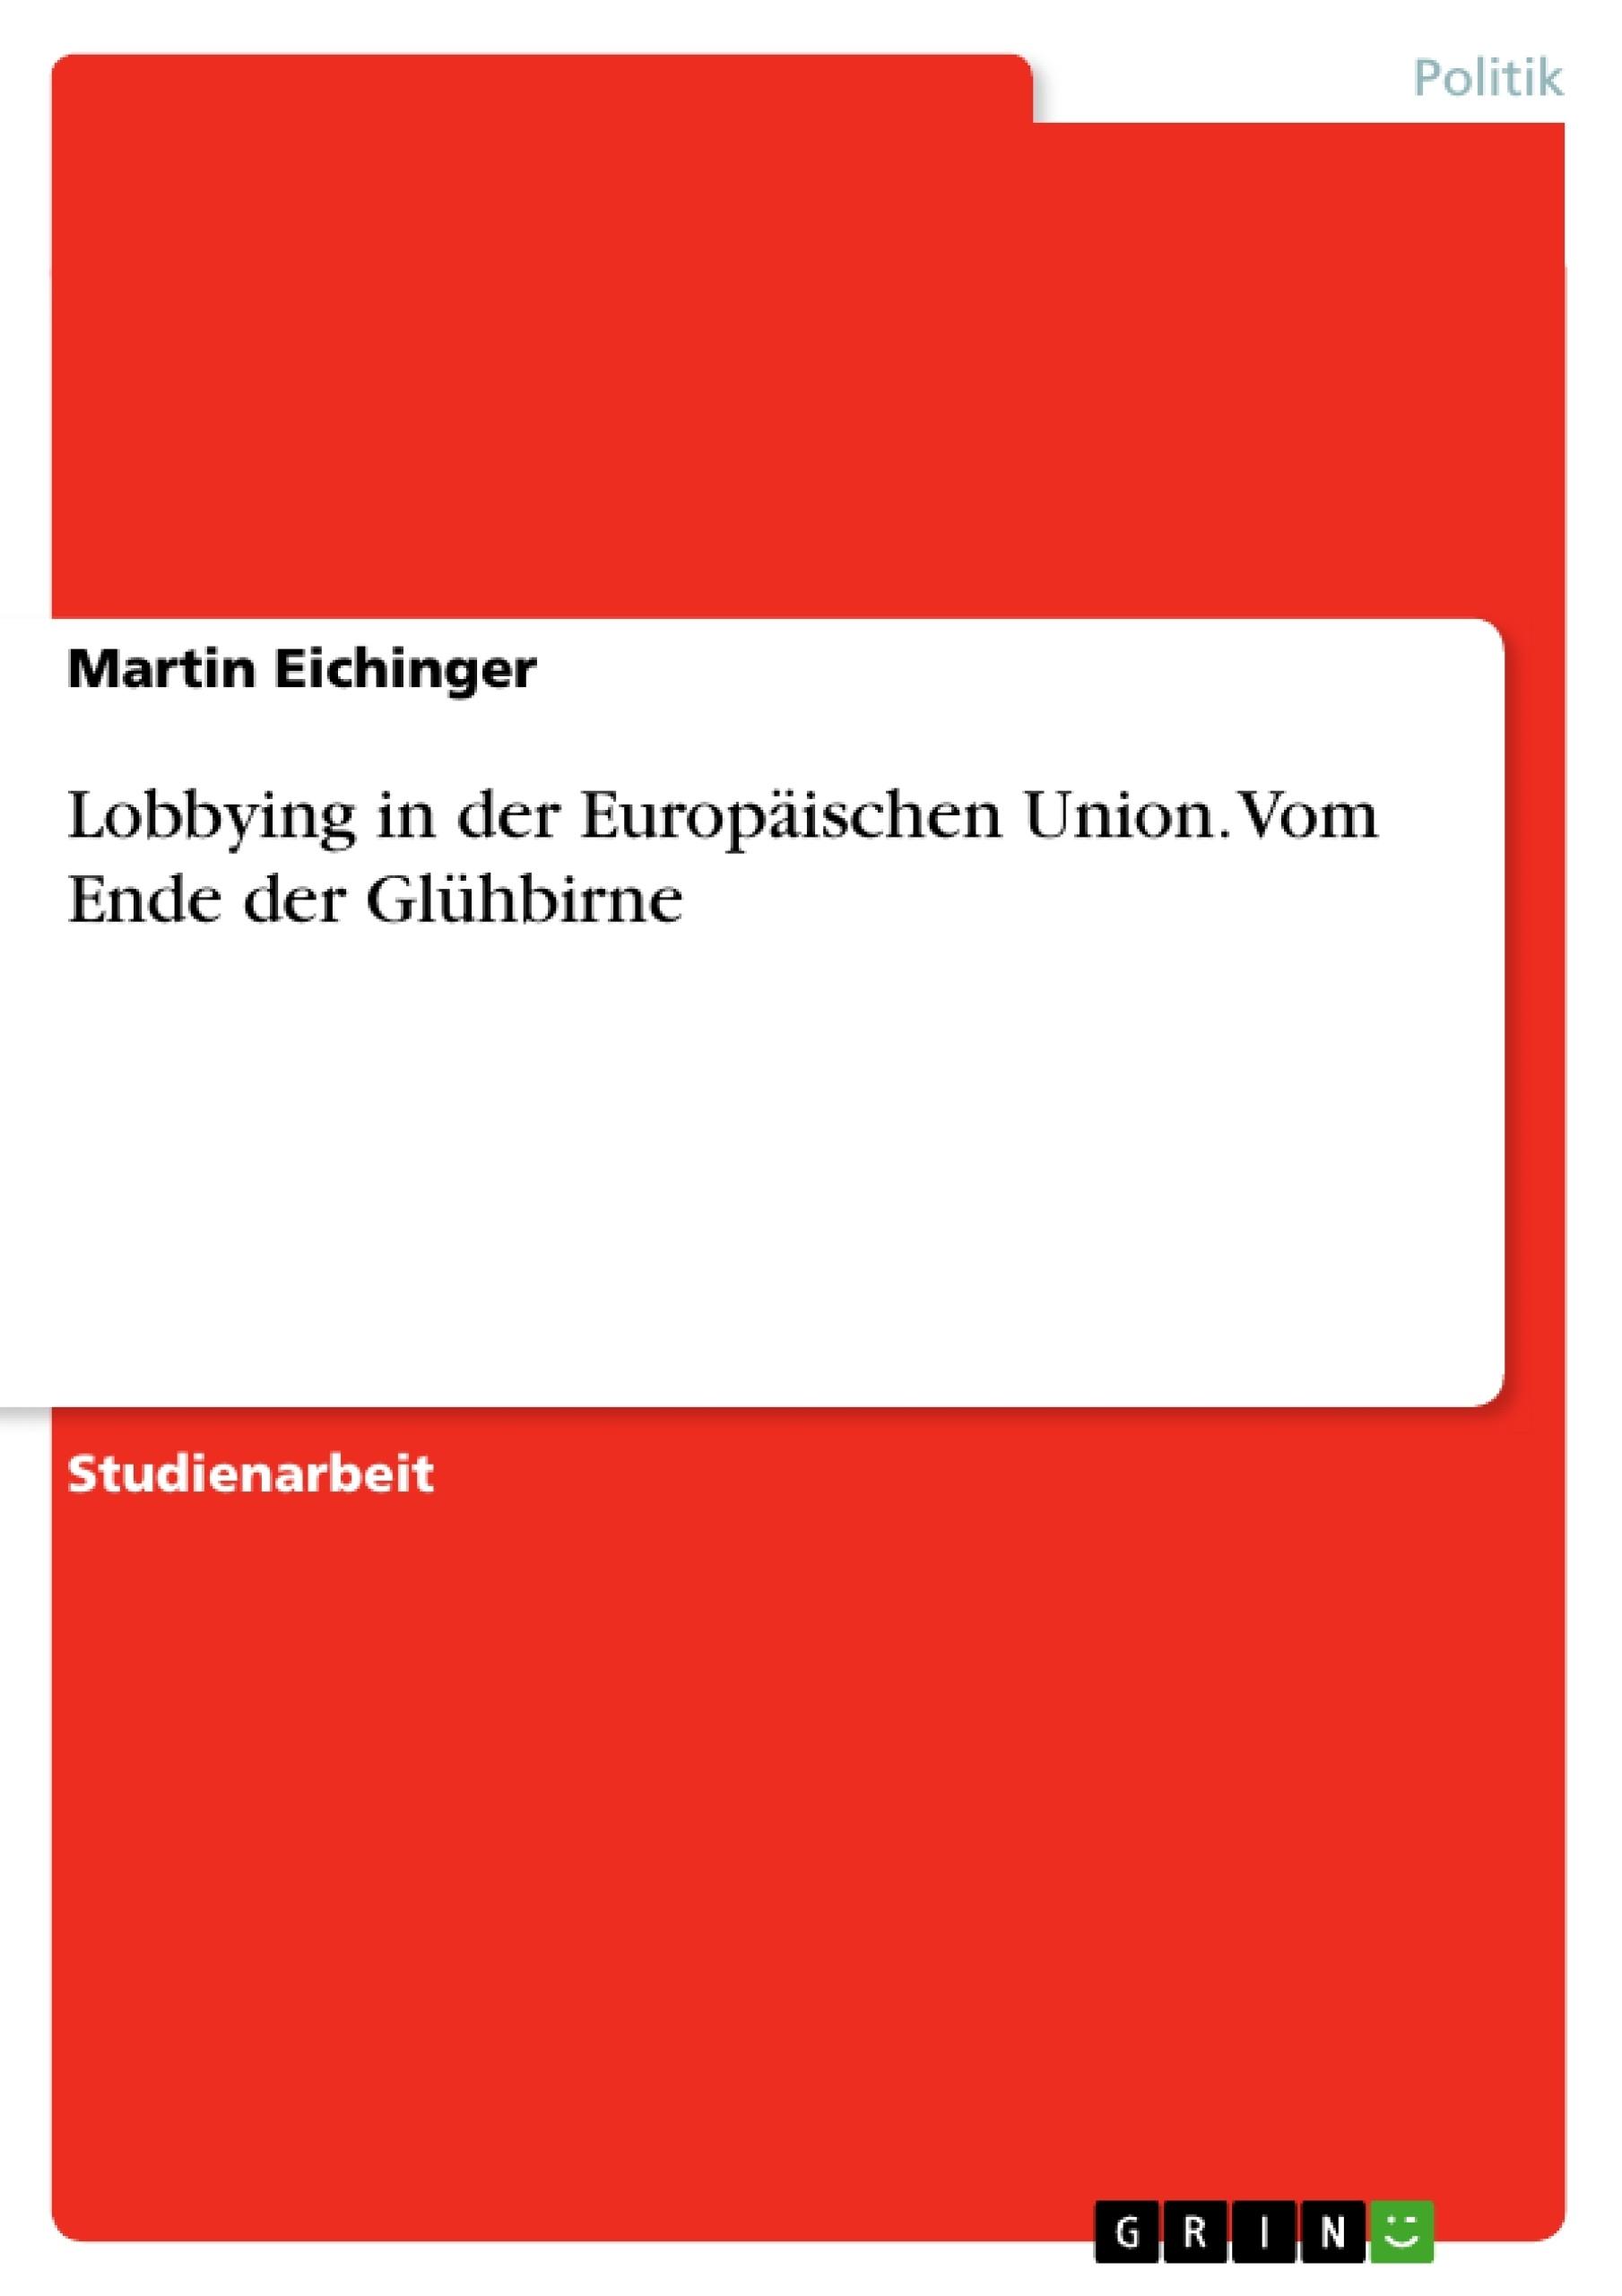 Titel: Lobbying in der Europäischen Union. Vom Ende der Glühbirne